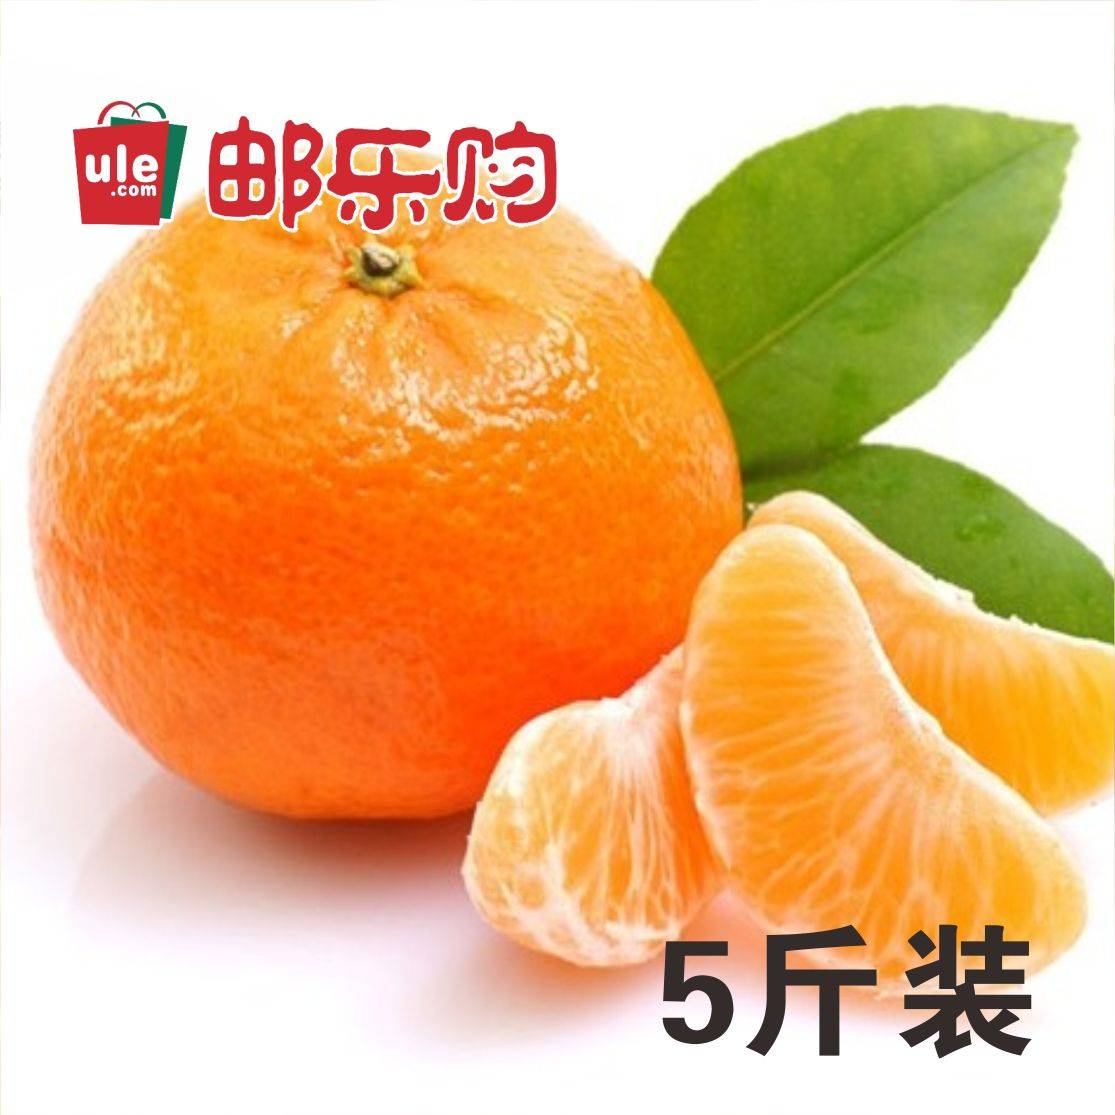 [双十一][预售:11月20日左右统一发货]临海蜜桔24个